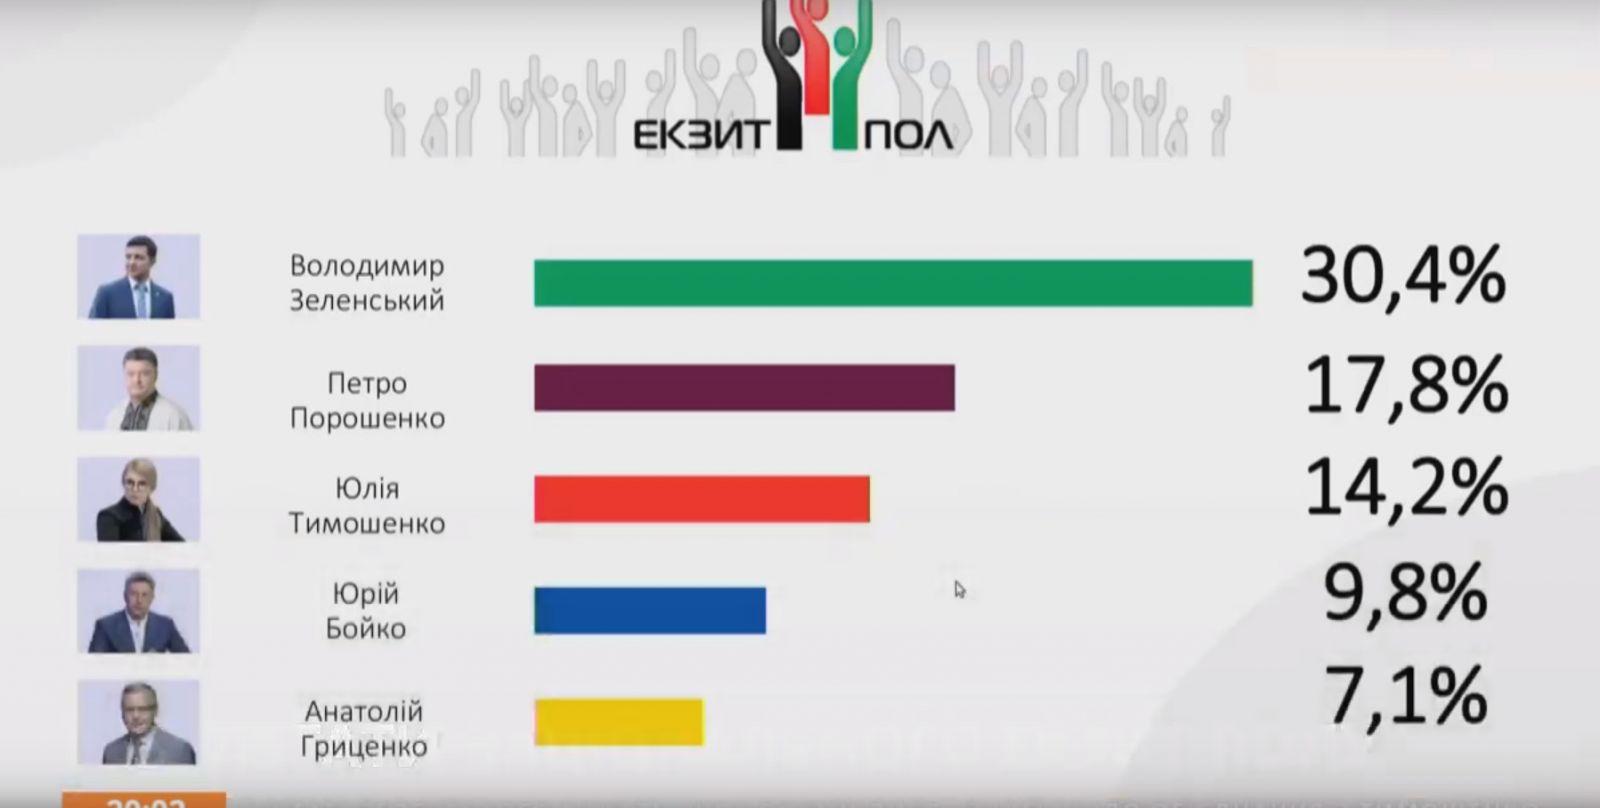 Национальный экзит-пол: Зеленский — 30,4%, Порошенко — 17,8%, Тимошенко — 14,2%